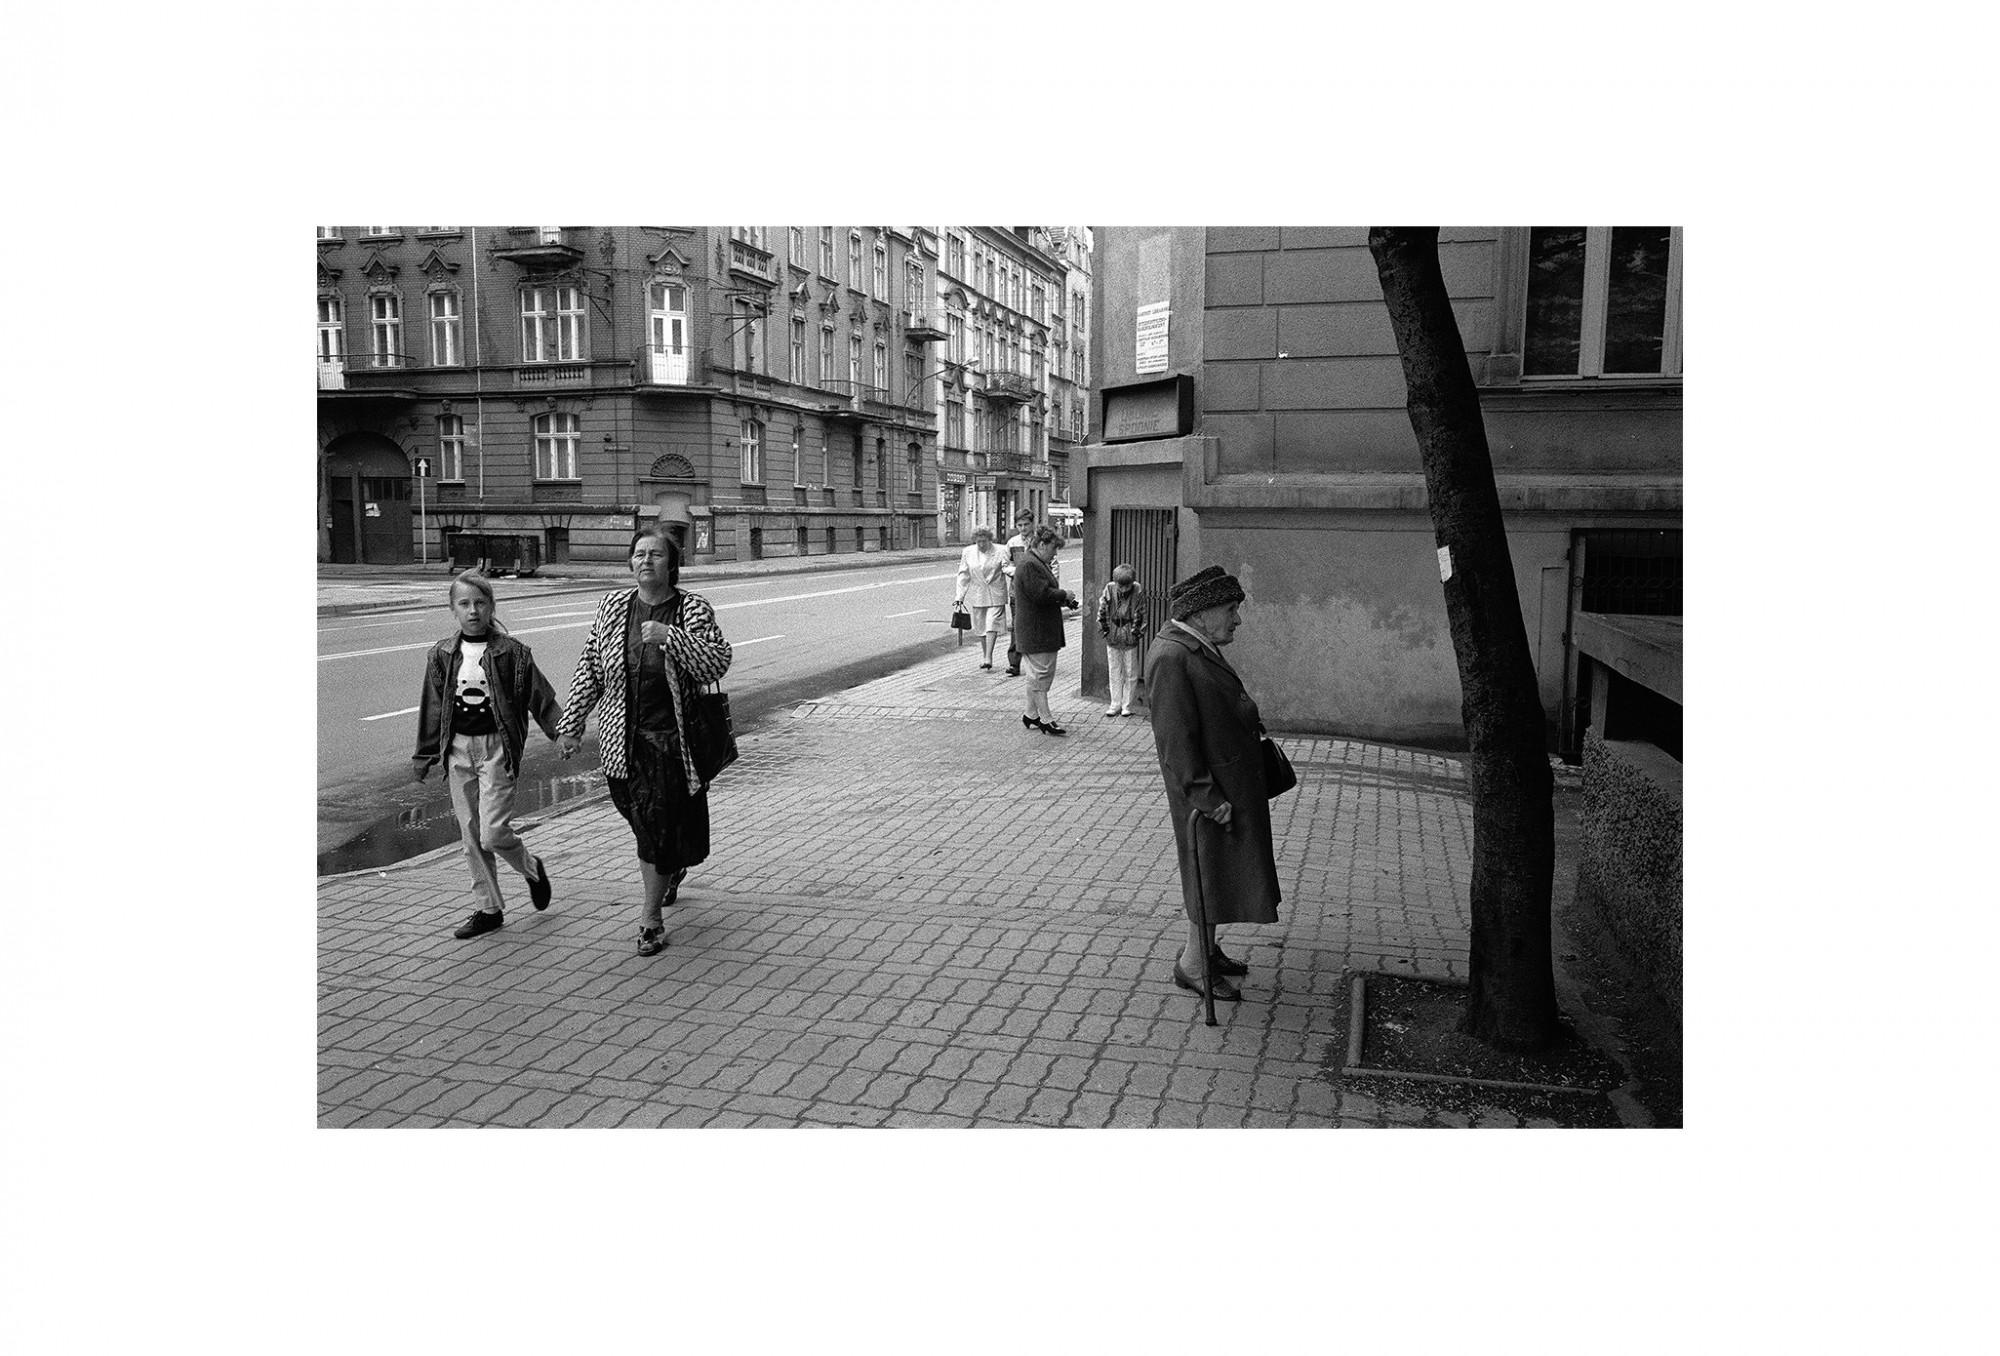 Afbeelding: Uit de reeks : Polen, een kast op glazen poten, 94-12-01, Katowice, © Dominique Van Huffel.